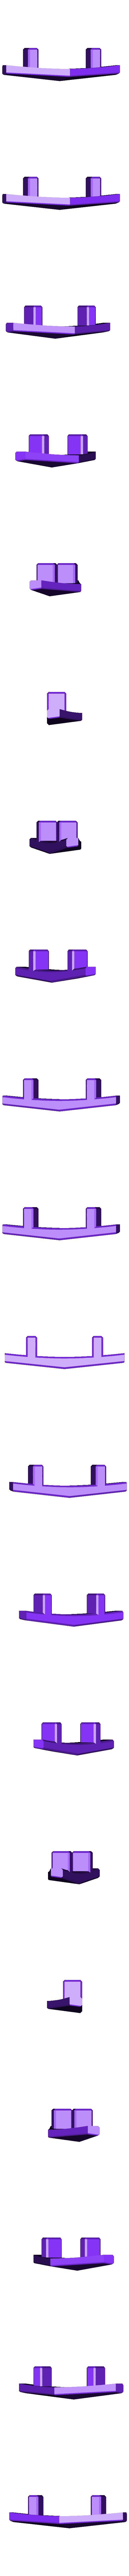 10_Brawn_Waist3_Front_BLACK.stl Download free STL file G1 Transformers Brawn • 3D printer object, Toymakr3D